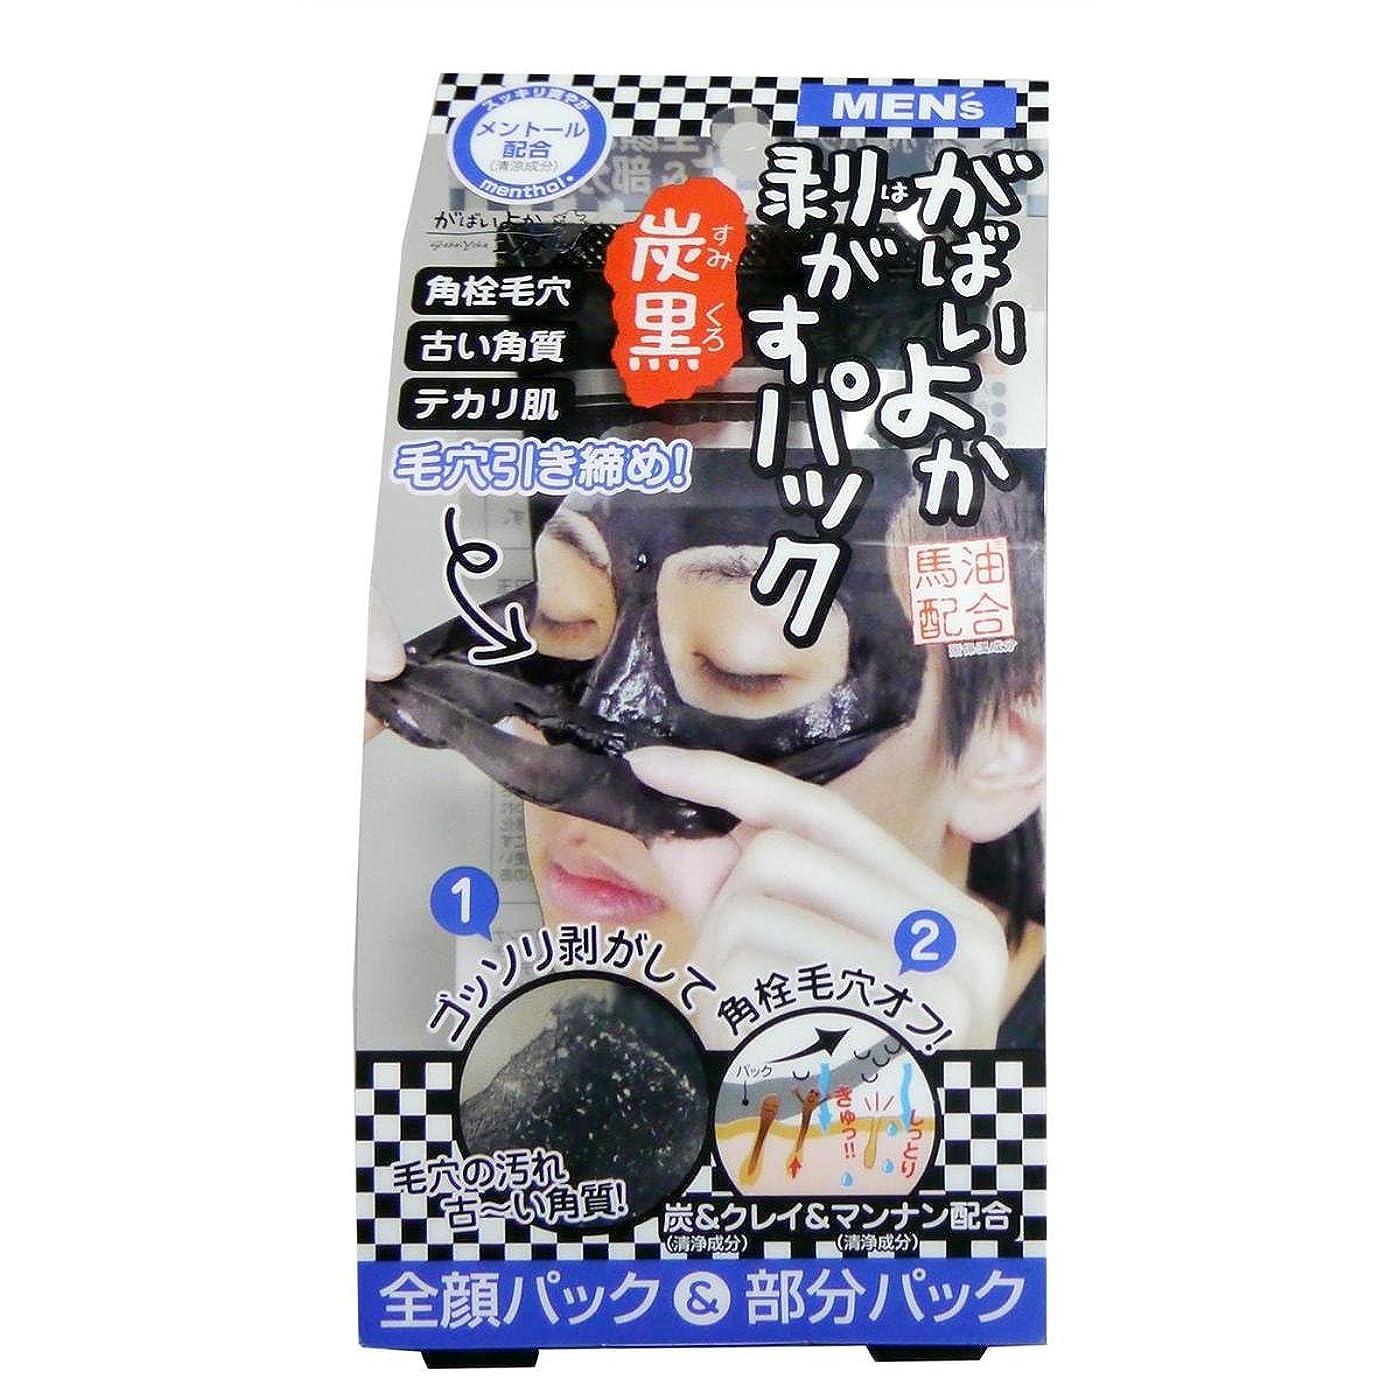 発疹授業料トランスペアレントがばいよかコスメ メンズ 剥がすパック 炭黒 (90g)